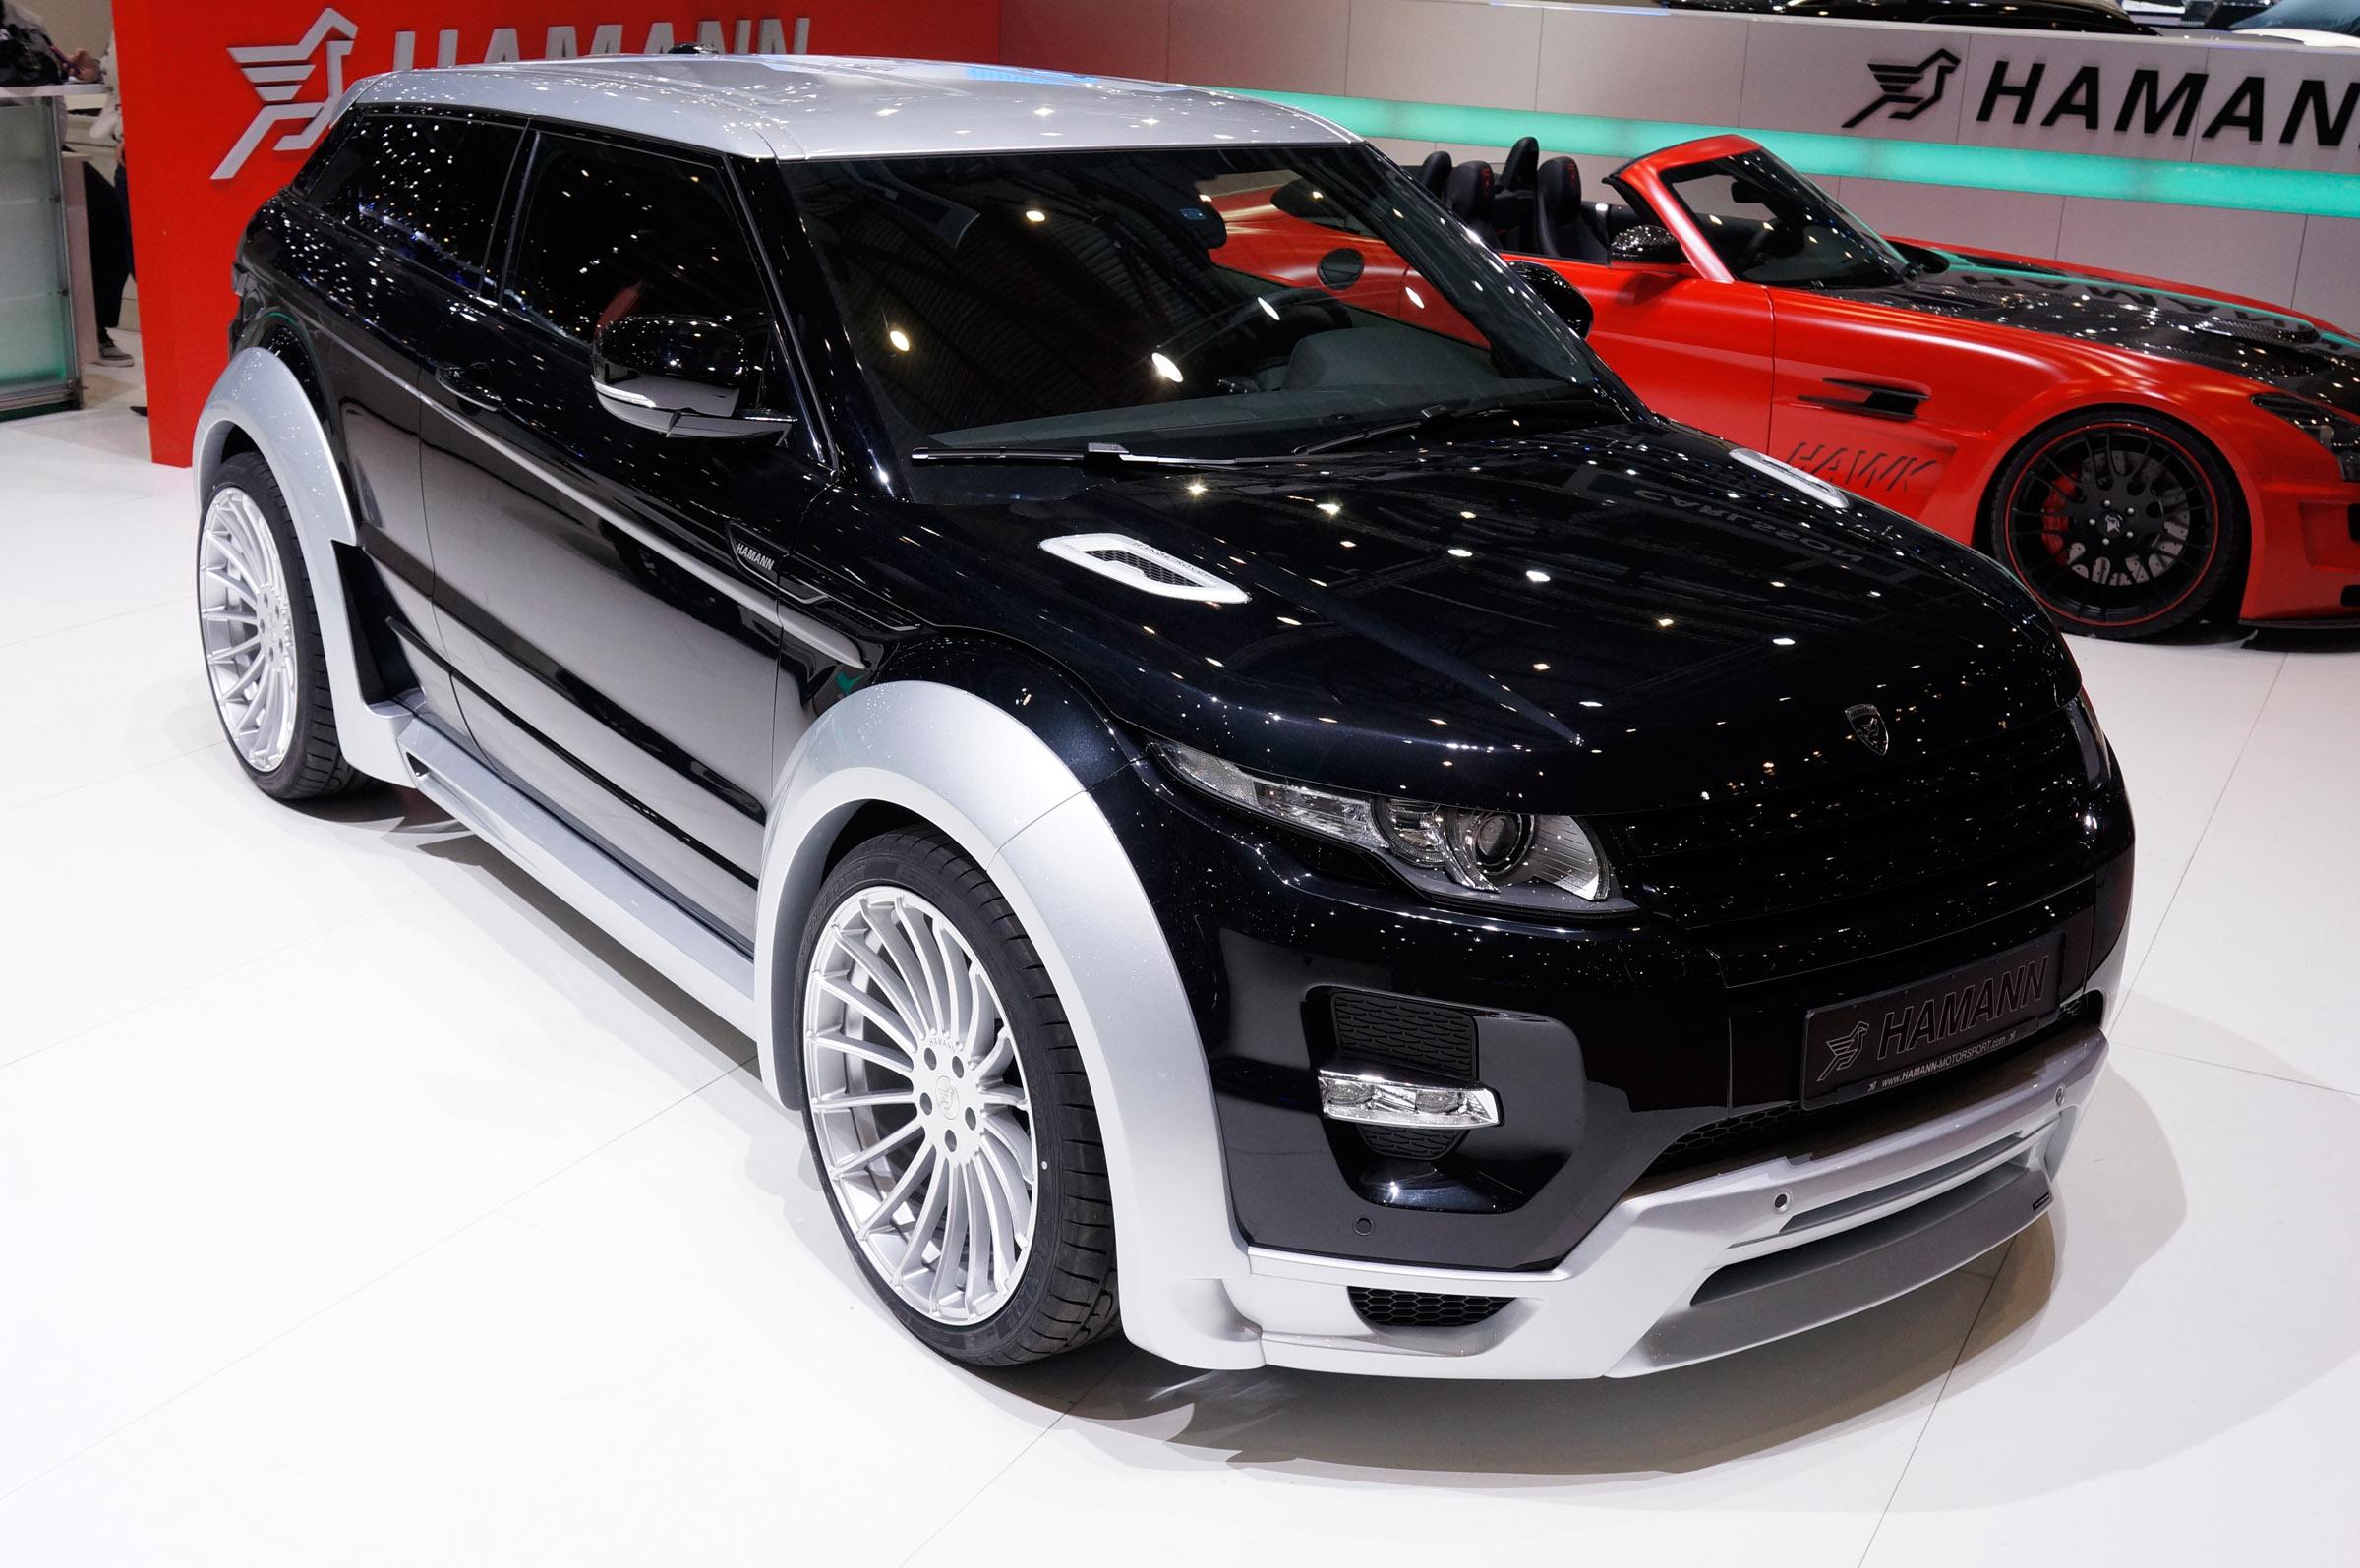 2012 Hamann Range Rover Evoque suv tuning q wallpaper background 2400x1595